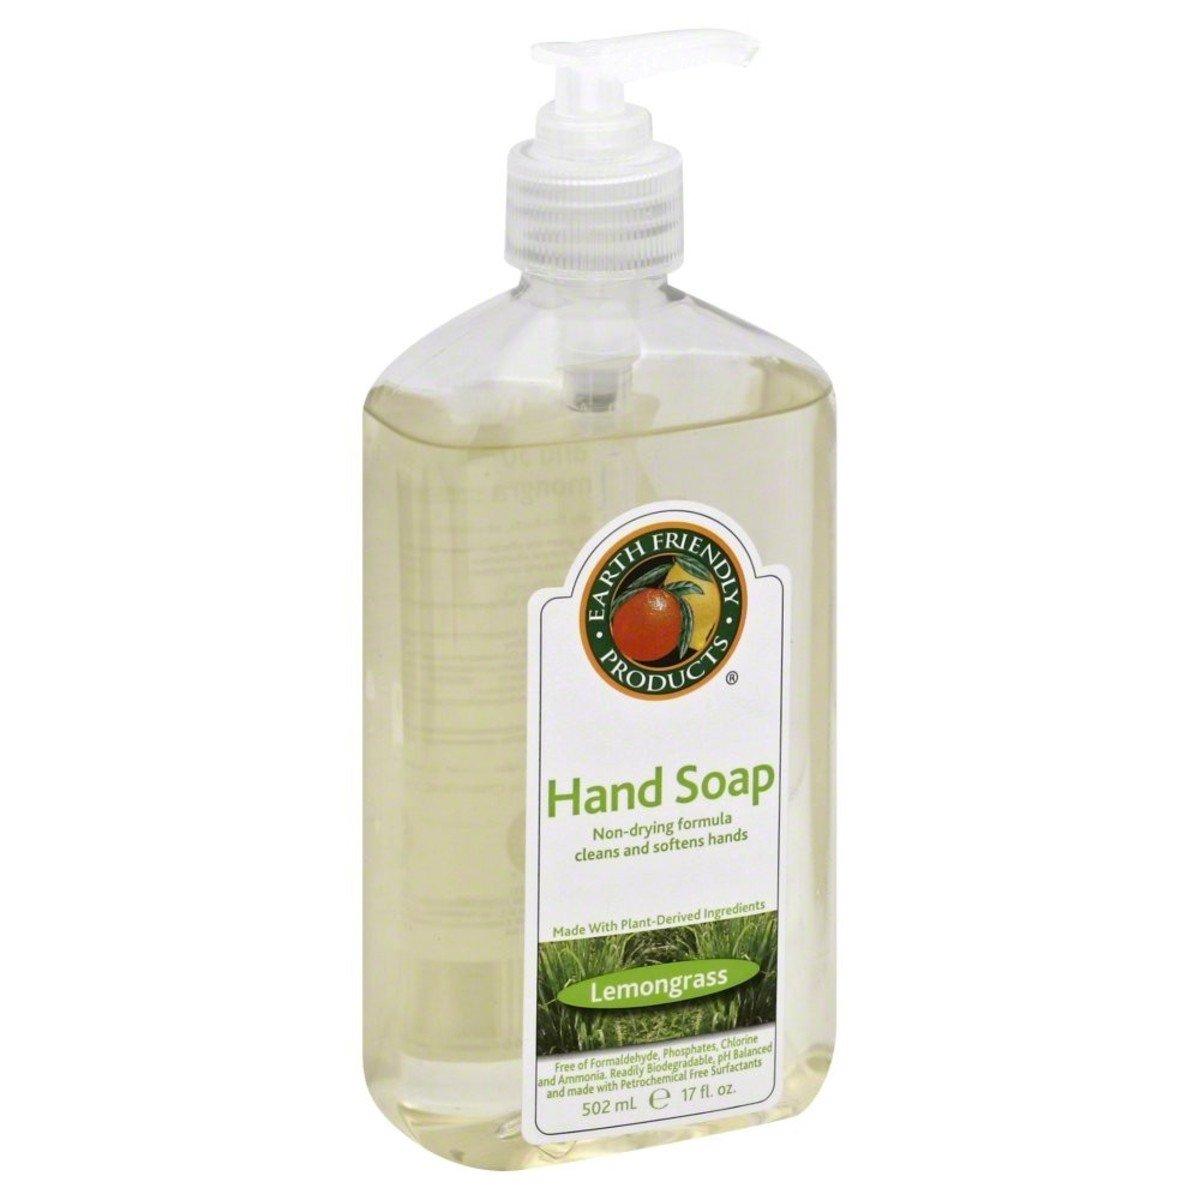 環保洗手液 - 檸檬香茅 (17oz)